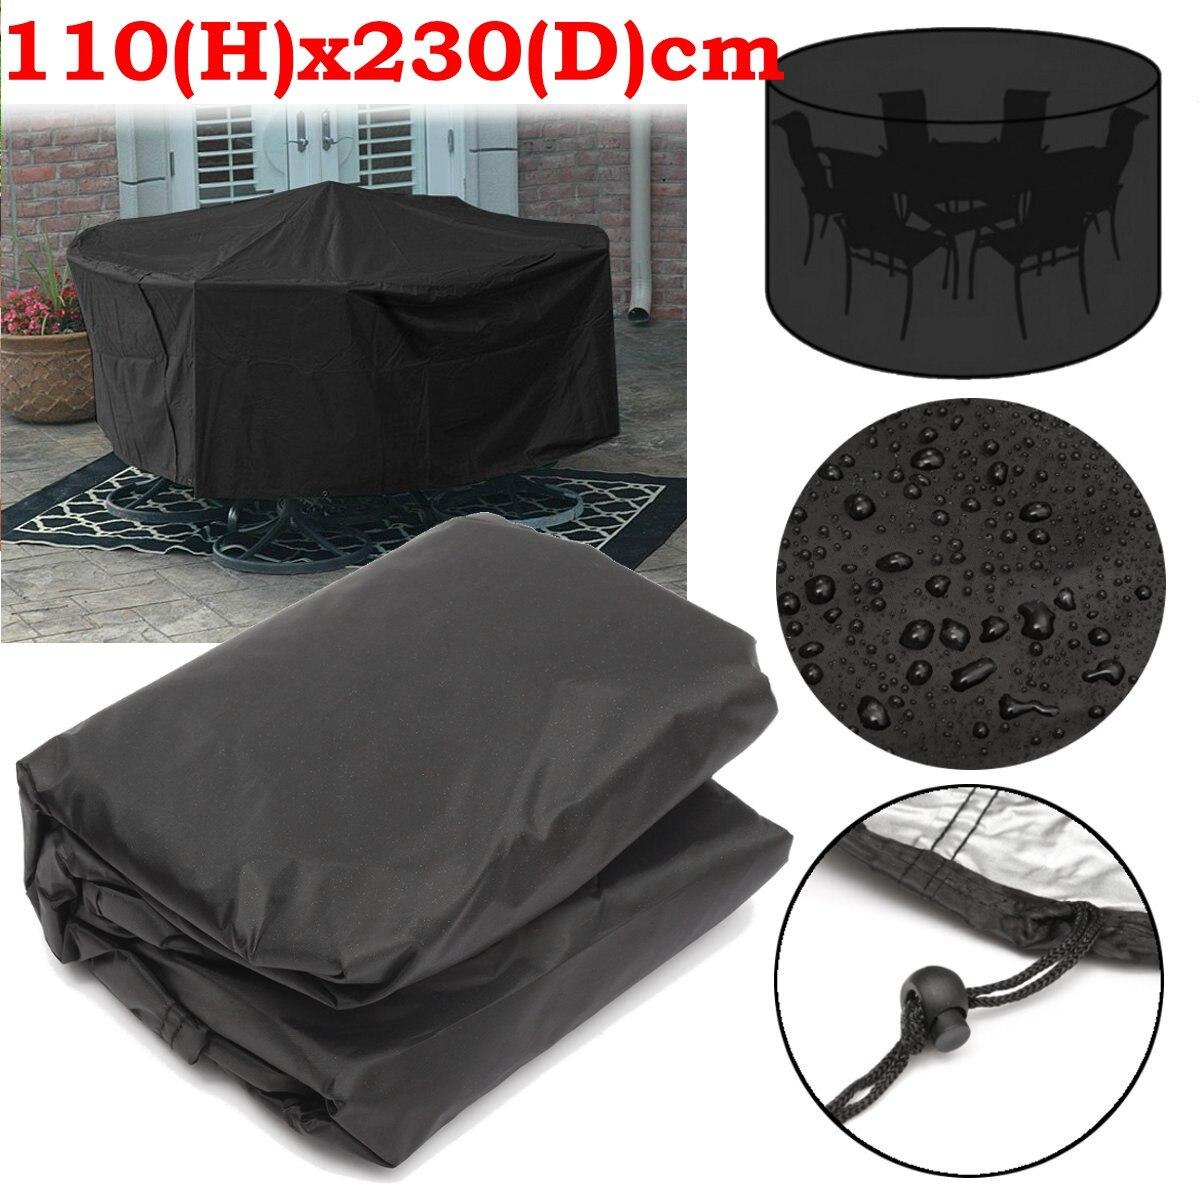 110x230 cm Runde Outdoor Garten Terrasse Möbel Abdeckung Wasserdicht Regen Staub Schutzhülle Tuch Für 6 Sitzer Tisch set